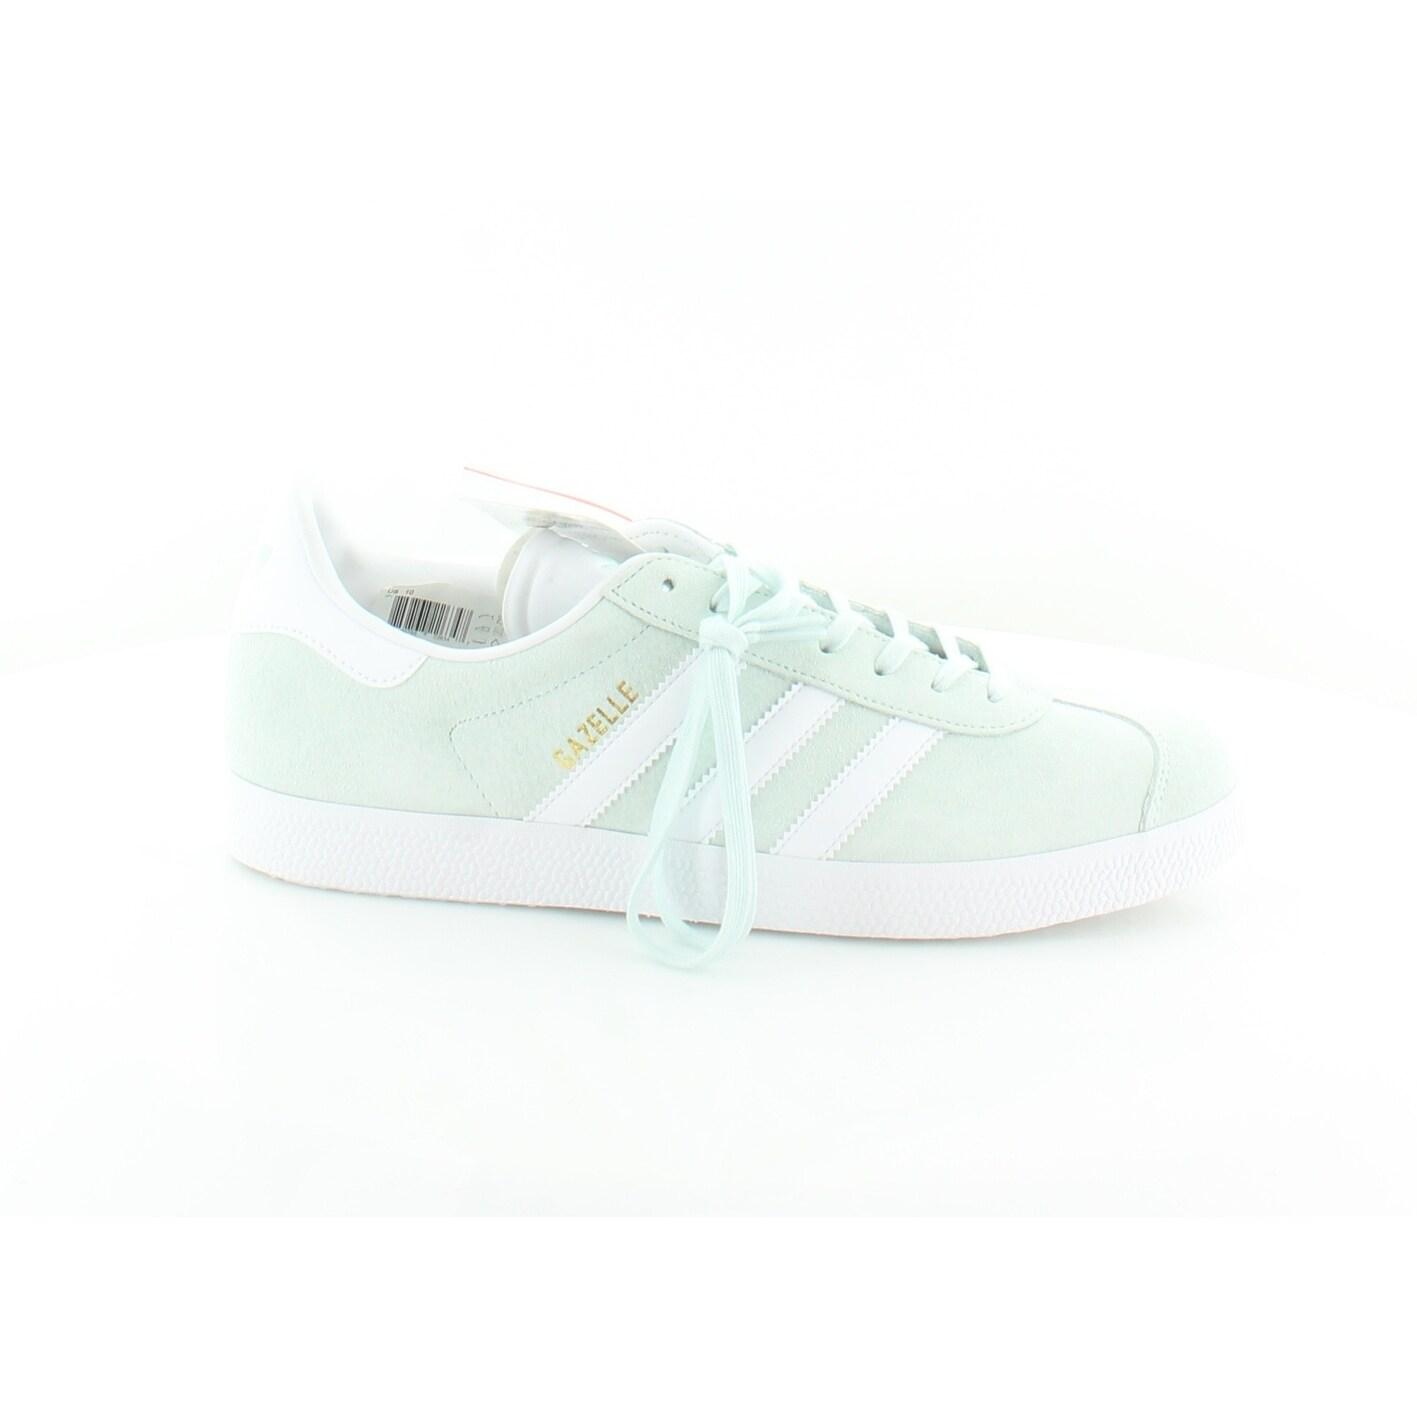 Shop Adidas Gazelle Women's Fashion Sneakers IceMinWhite